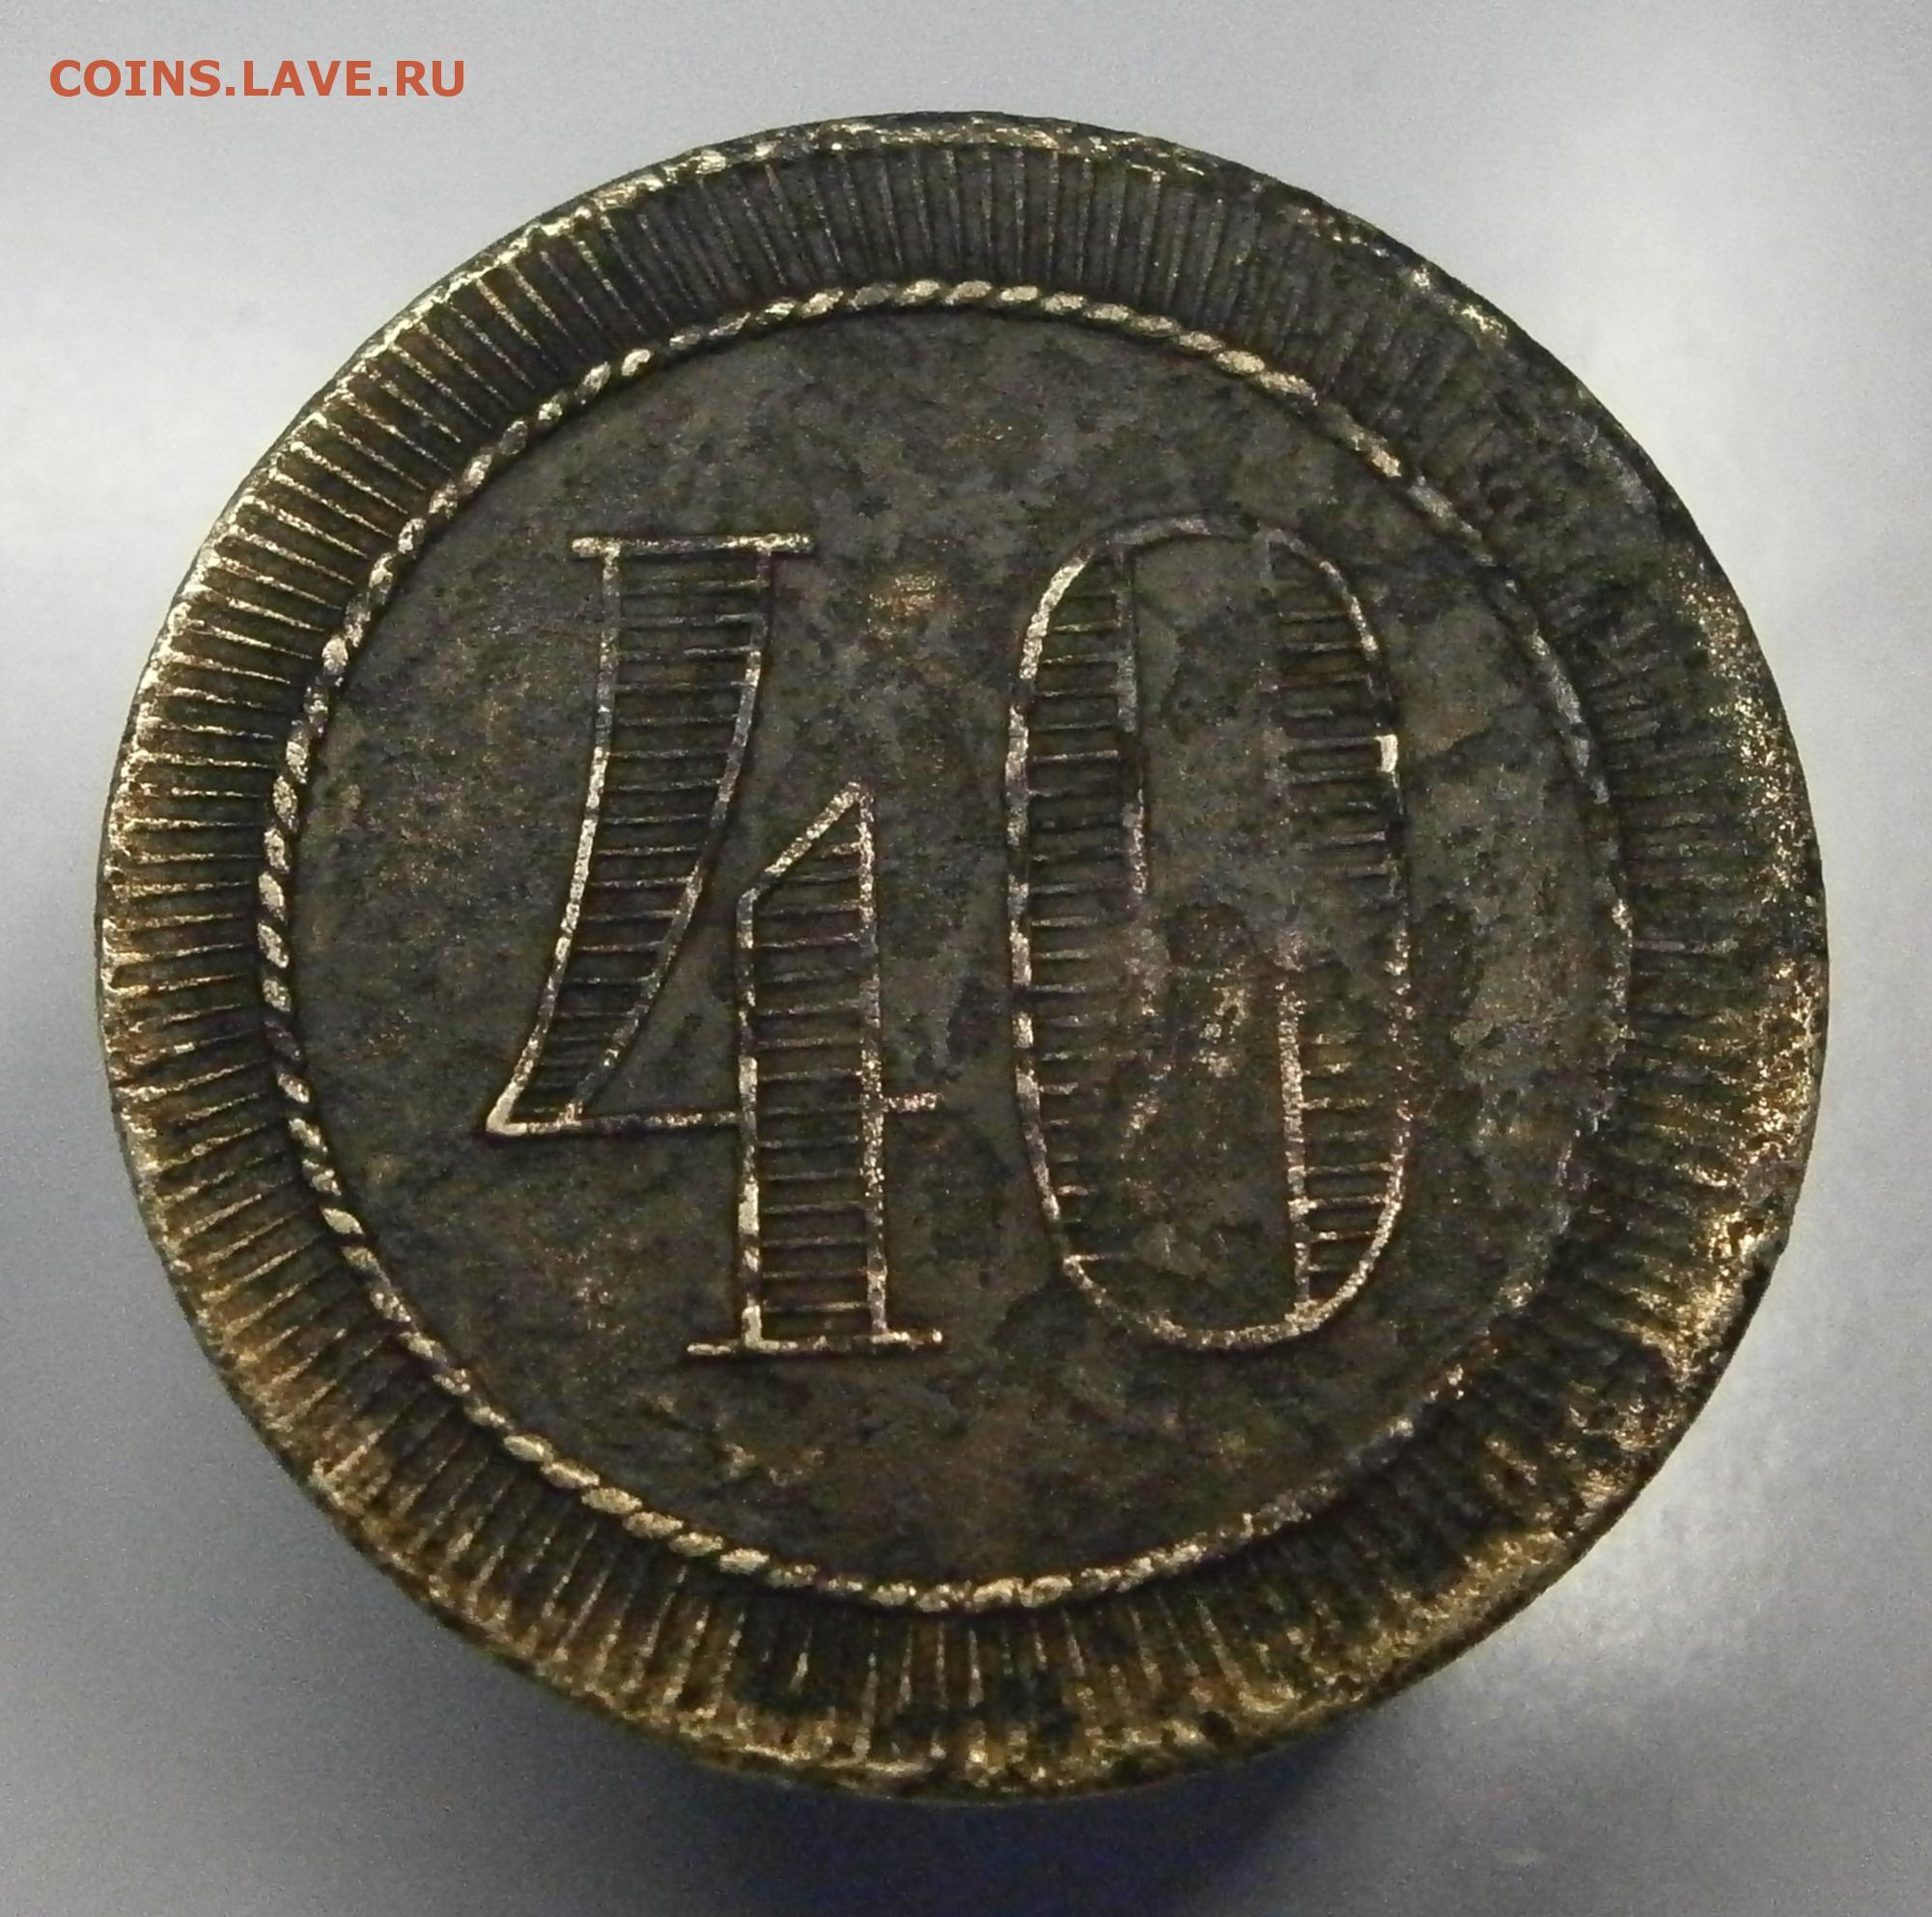 Анонимный трактирный жетон 40 коп. до 22.04. в 22-00 по мск. - монеты россии и ссср.